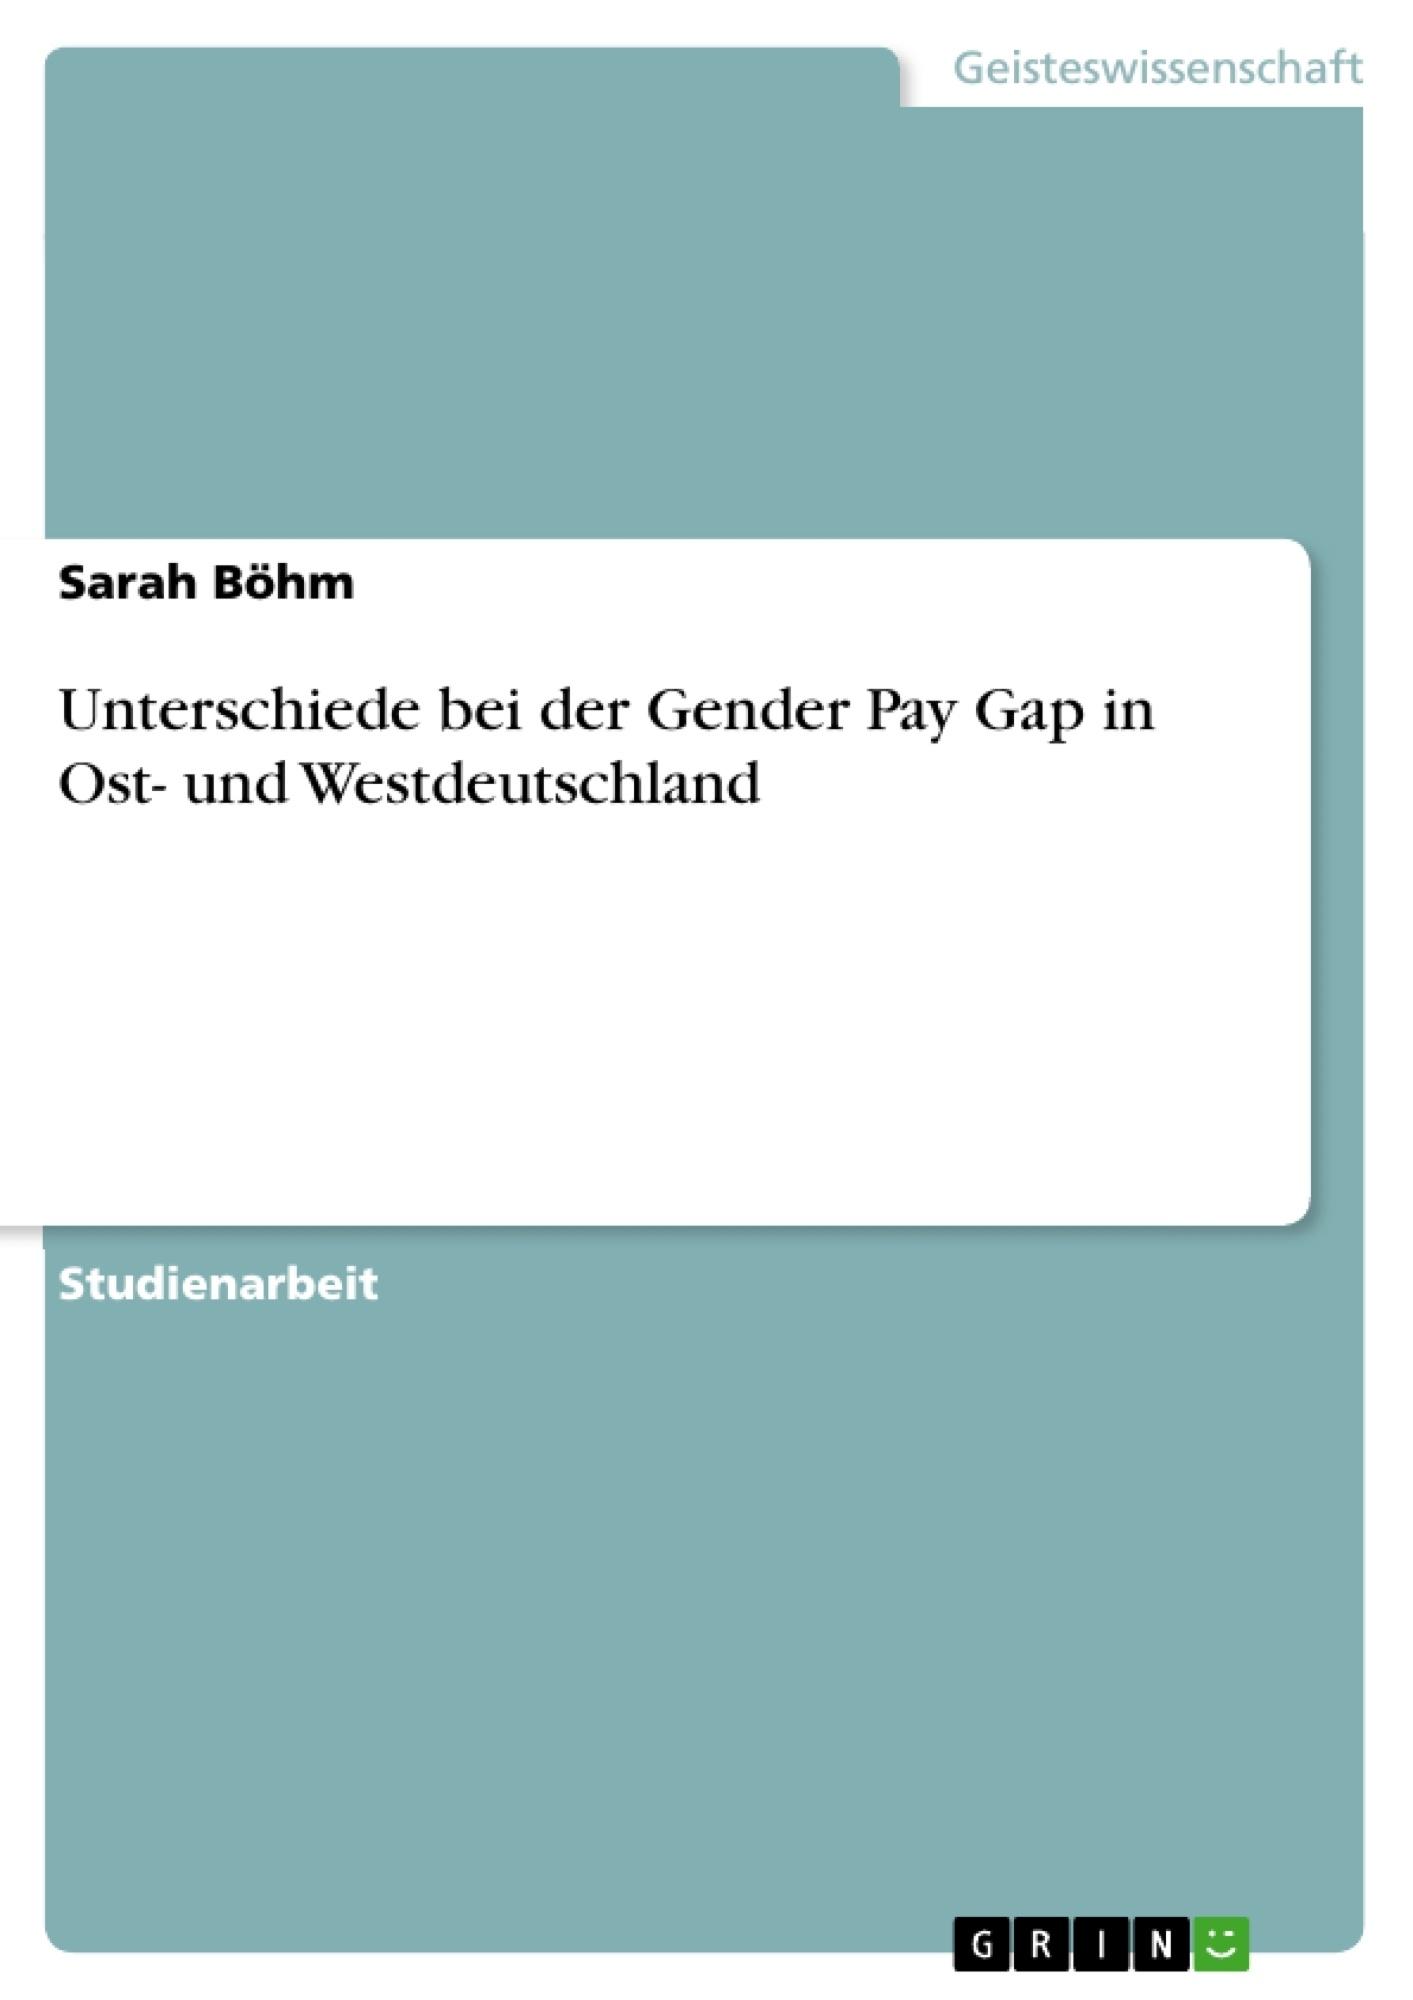 Titel: Unterschiede bei der Gender Pay Gap in Ost- und Westdeutschland